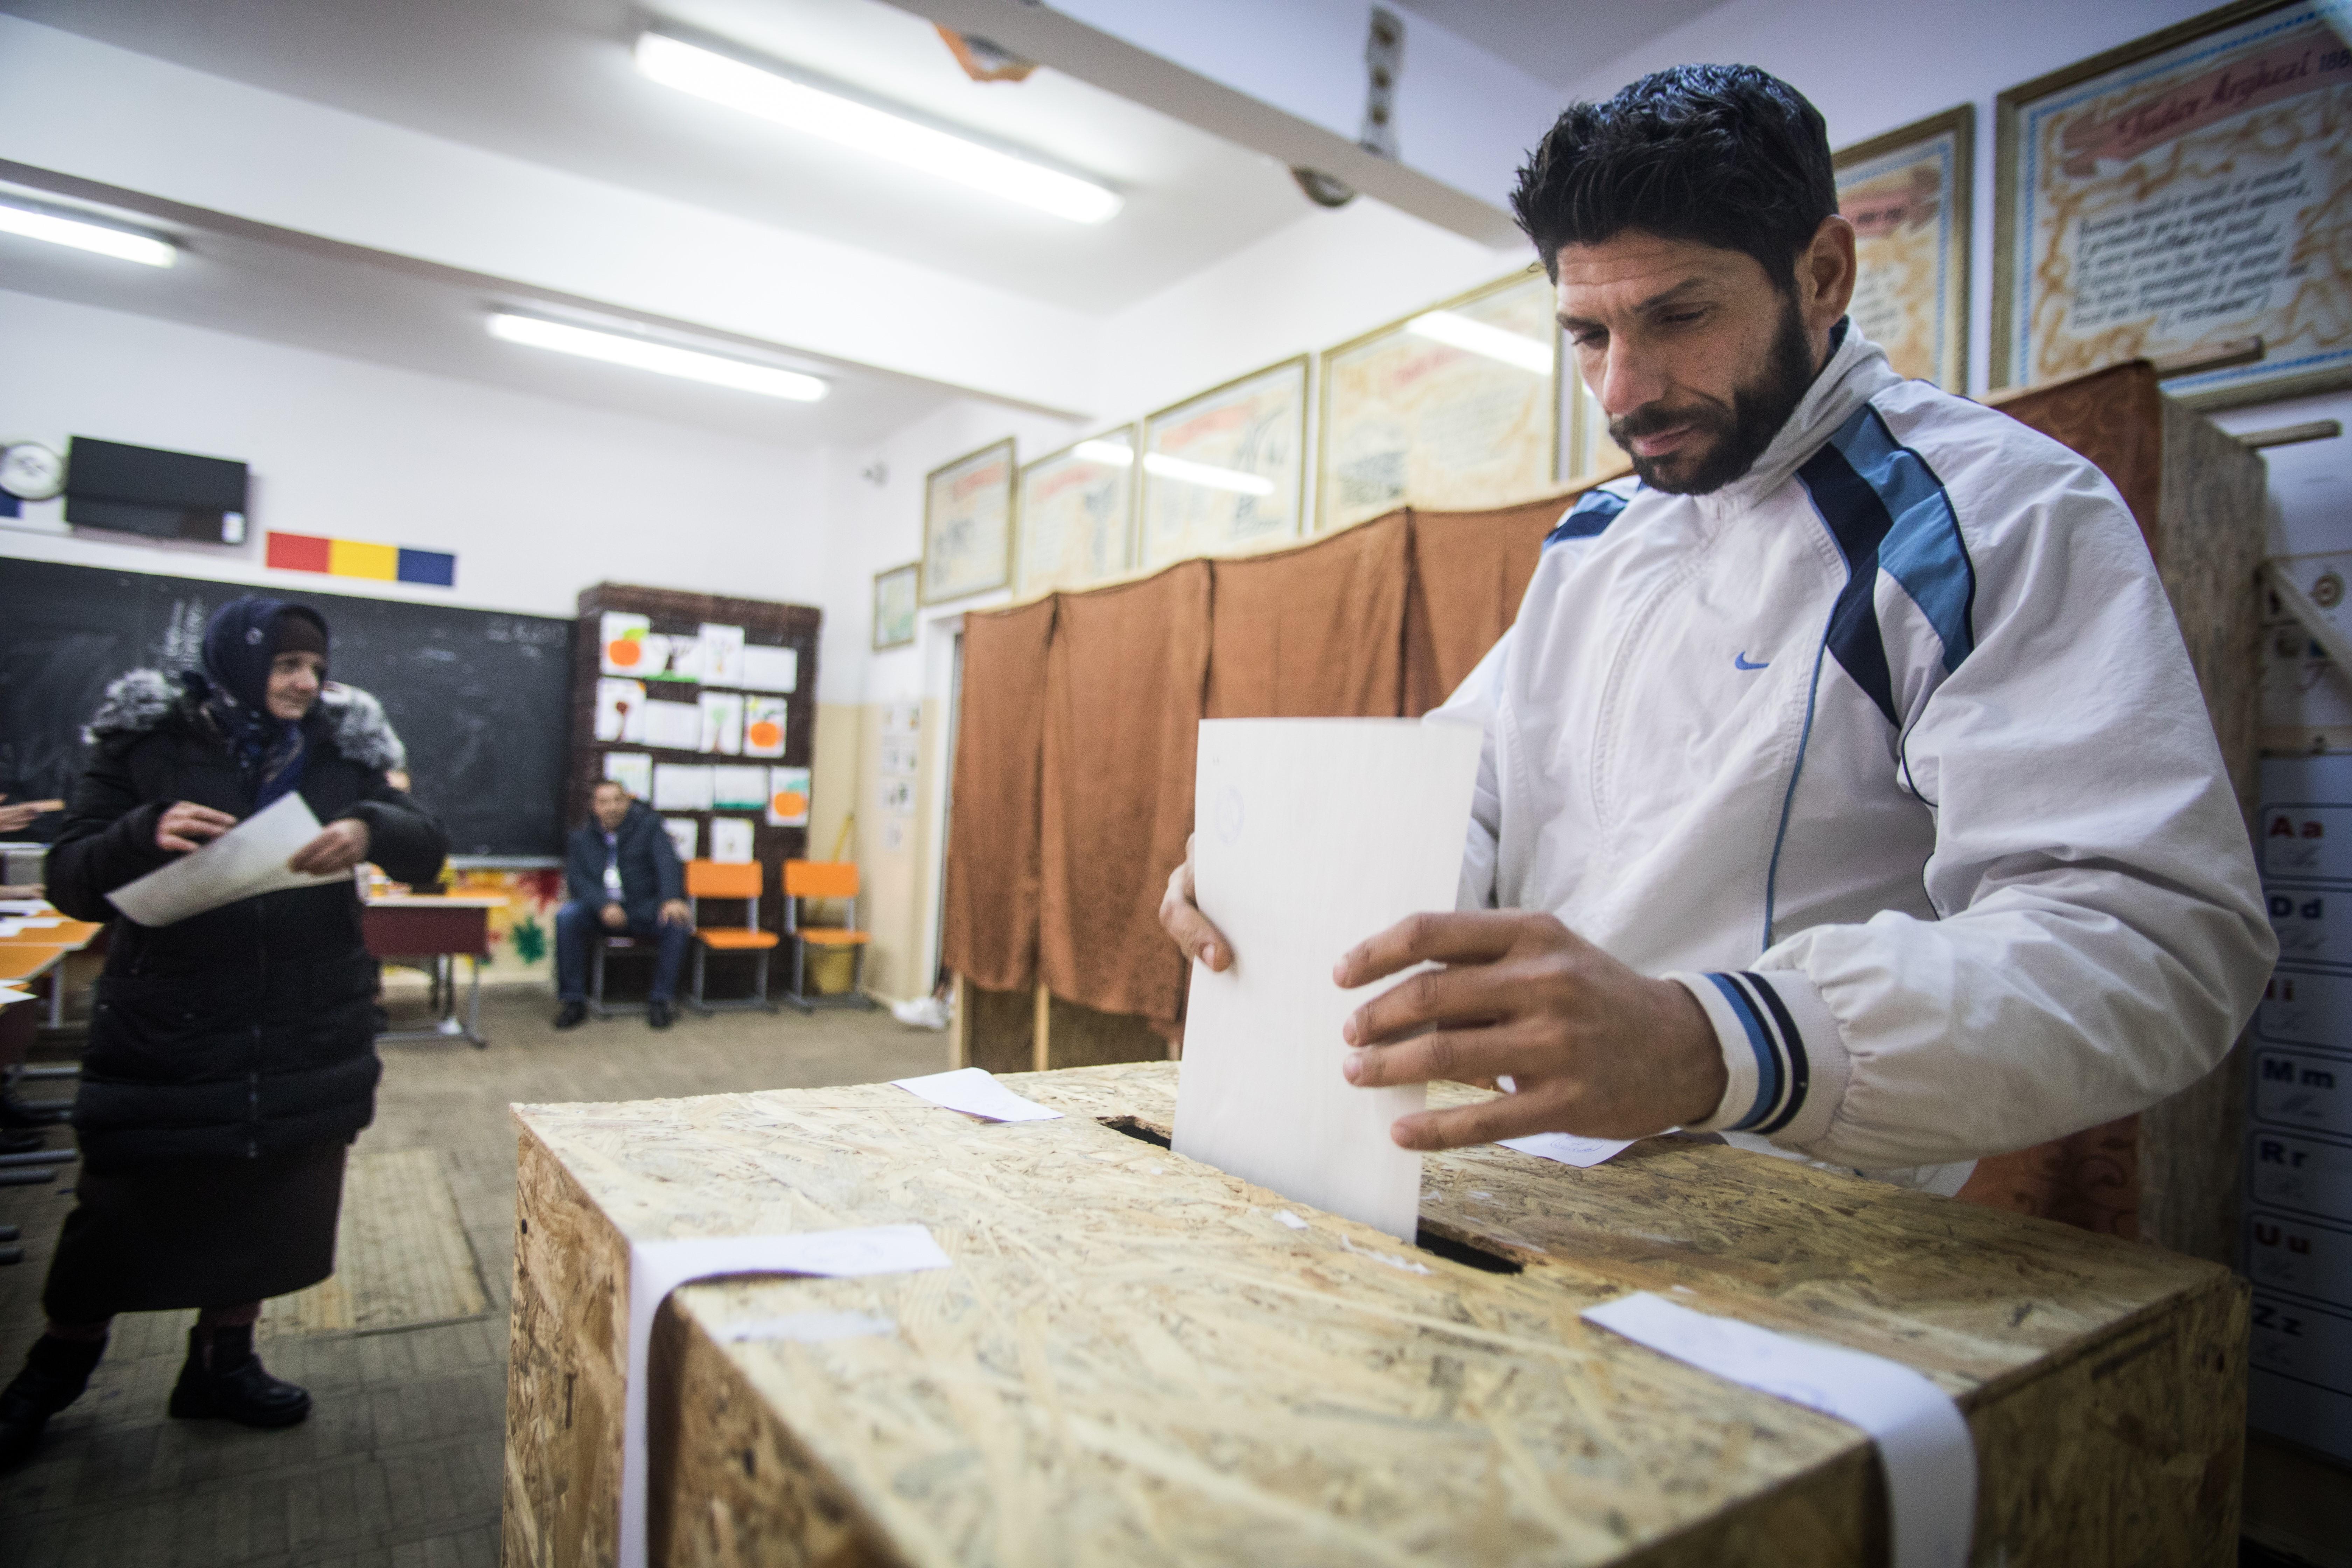 Az exit poll felmérés szerint a PSD nyerte a romániai választást